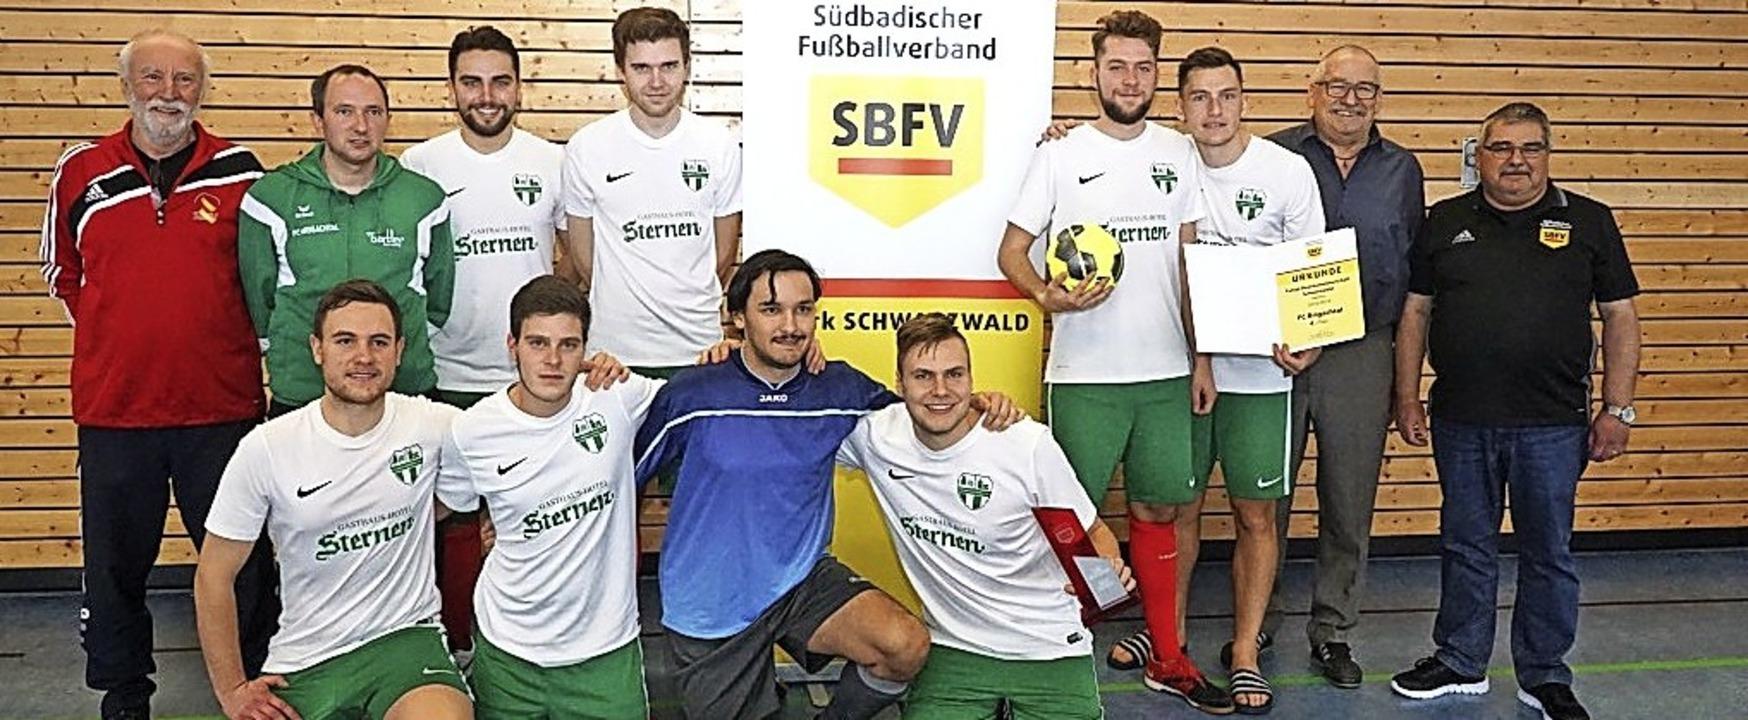 Die Fußballer des A-Kreisligisten FC B...fingen den Futsal-Bezirksmeistertitel.  | Foto: bächle